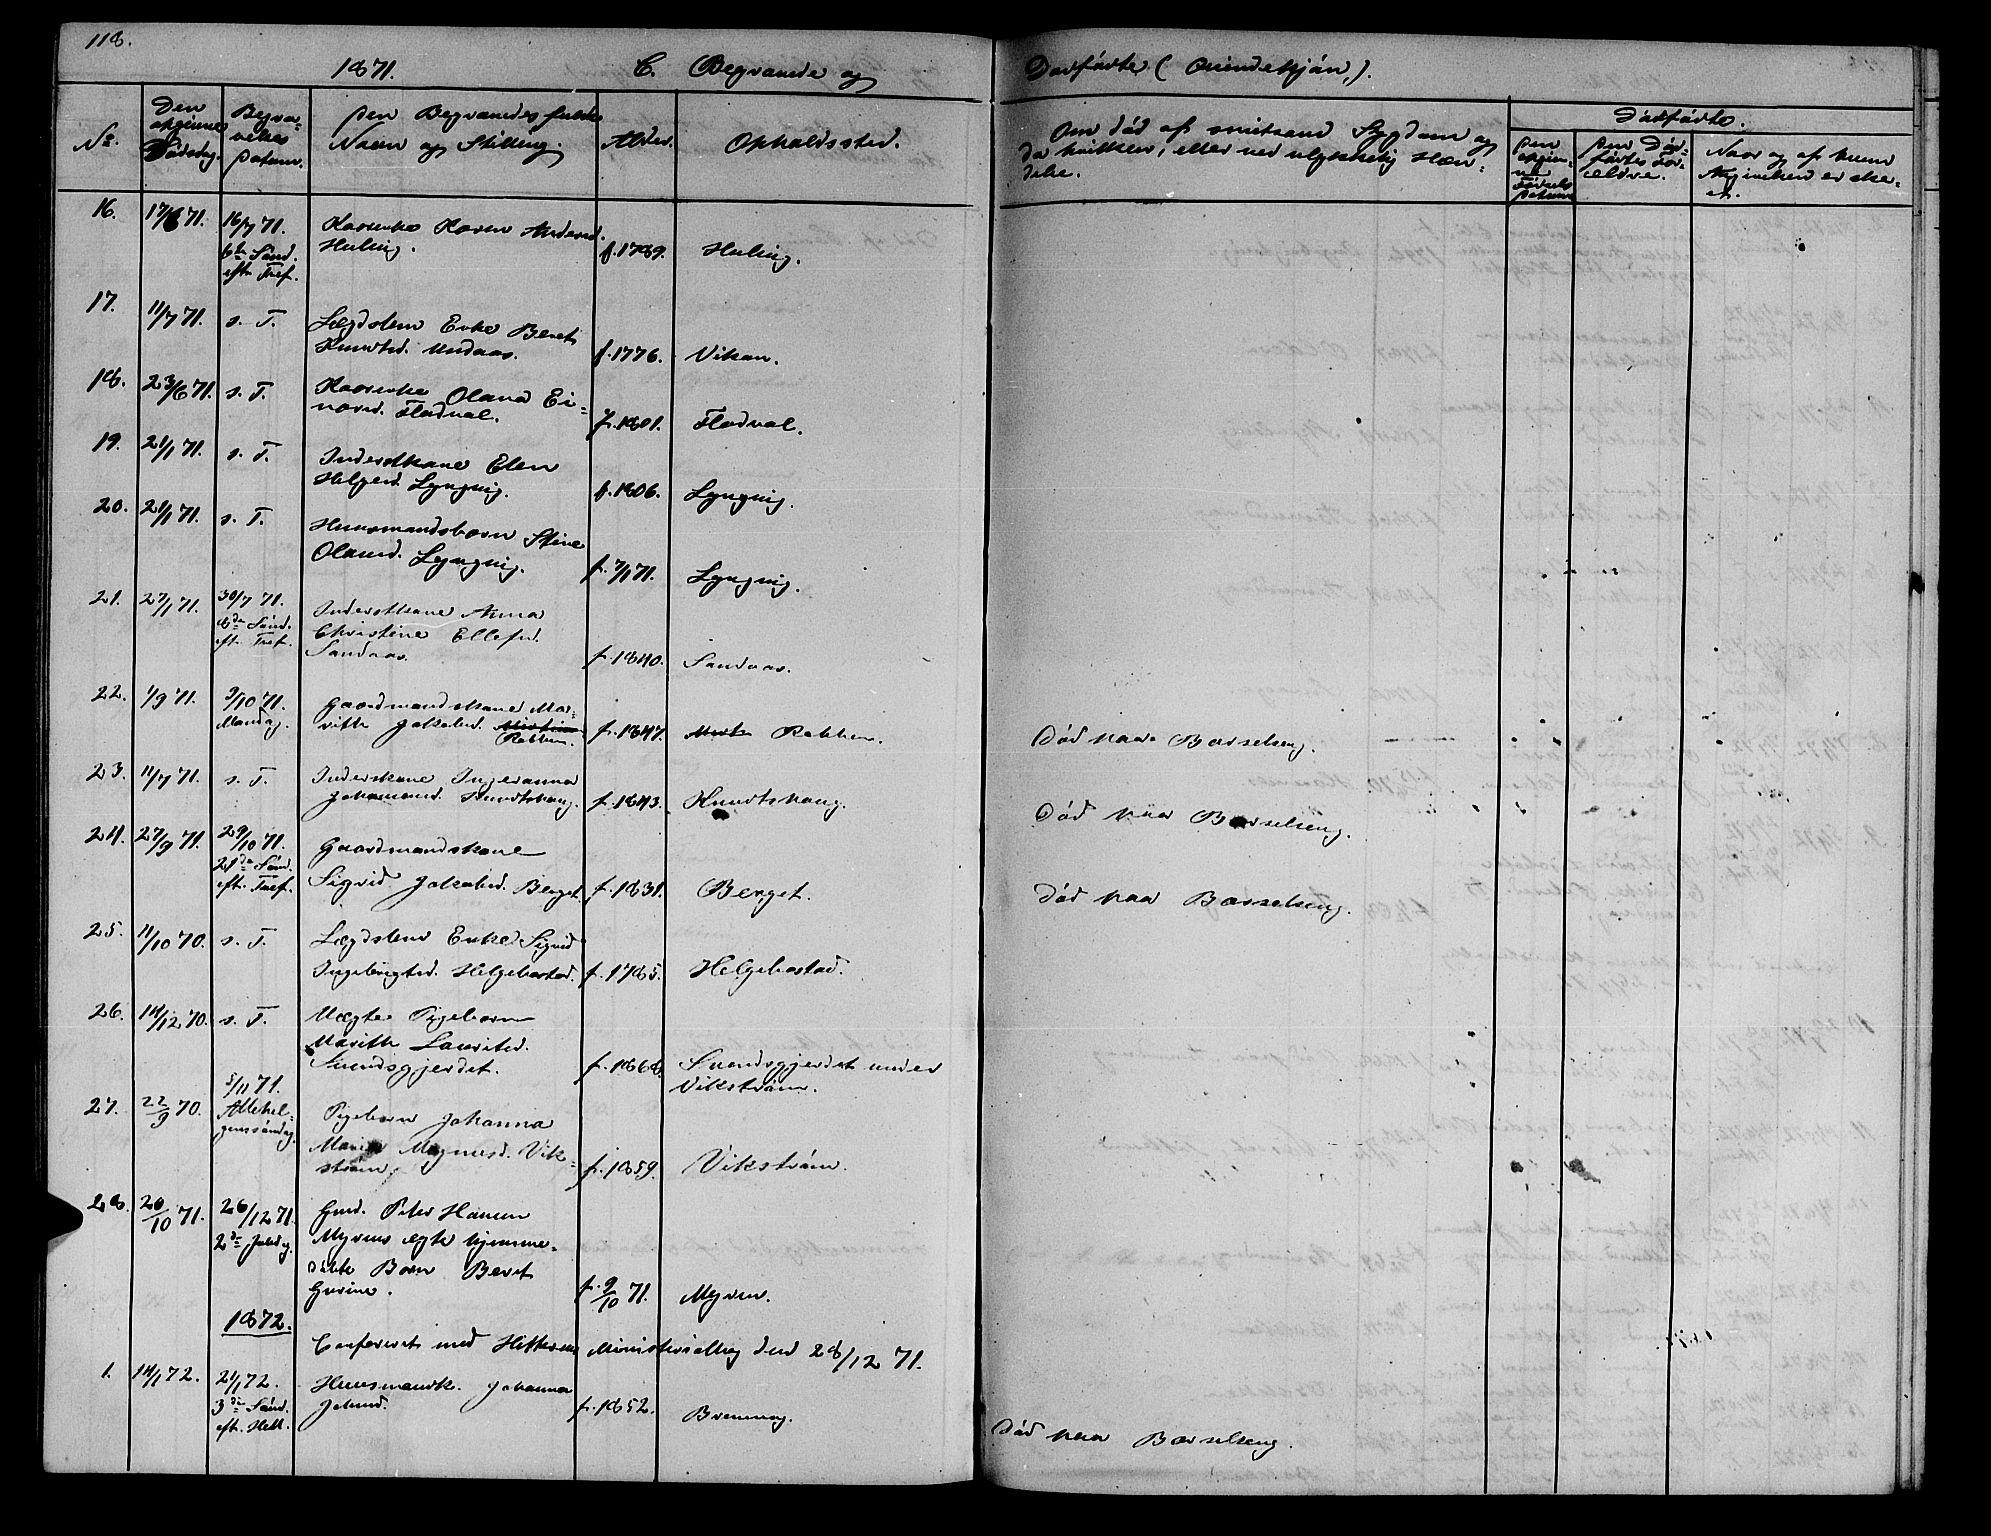 SAT, Ministerialprotokoller, klokkerbøker og fødselsregistre - Sør-Trøndelag, 634/L0539: Klokkerbok nr. 634C01, 1866-1873, s. 118